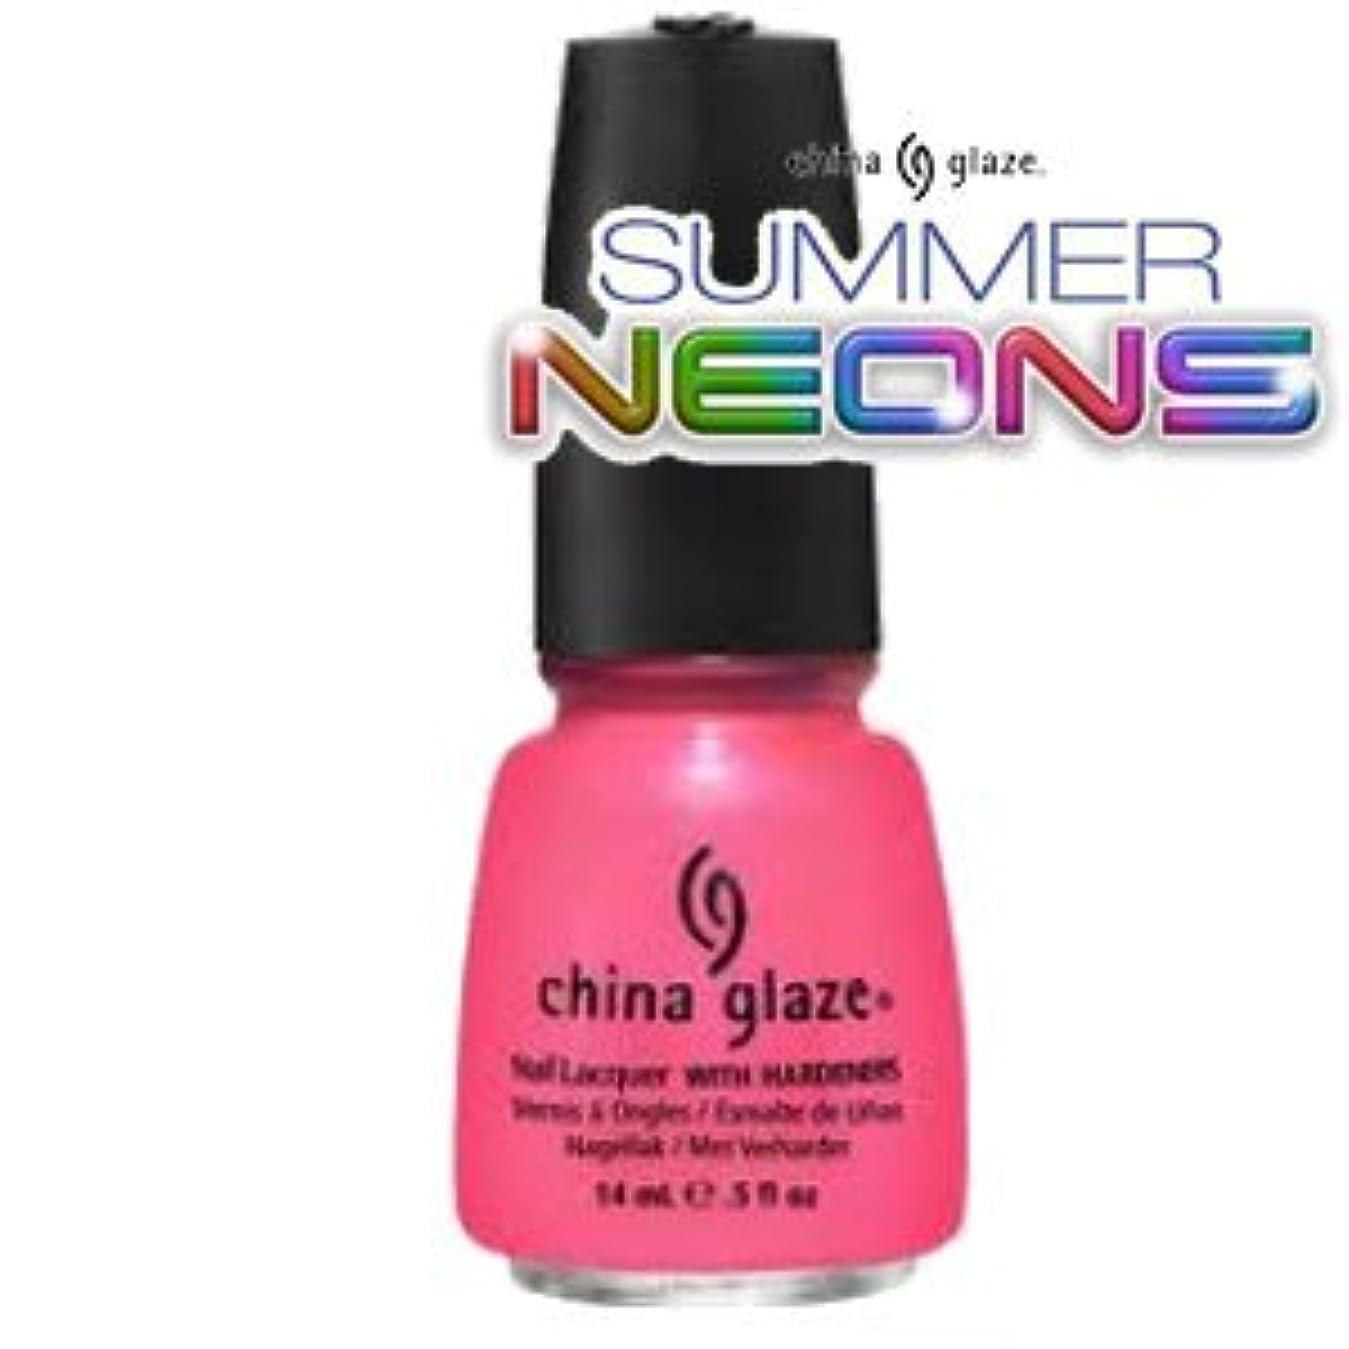 薬局顕現波紋(チャイナグレイズ)China Glaze Pink Plumeriaーサマーネオン コレクション [海外直送品][並行輸入品]